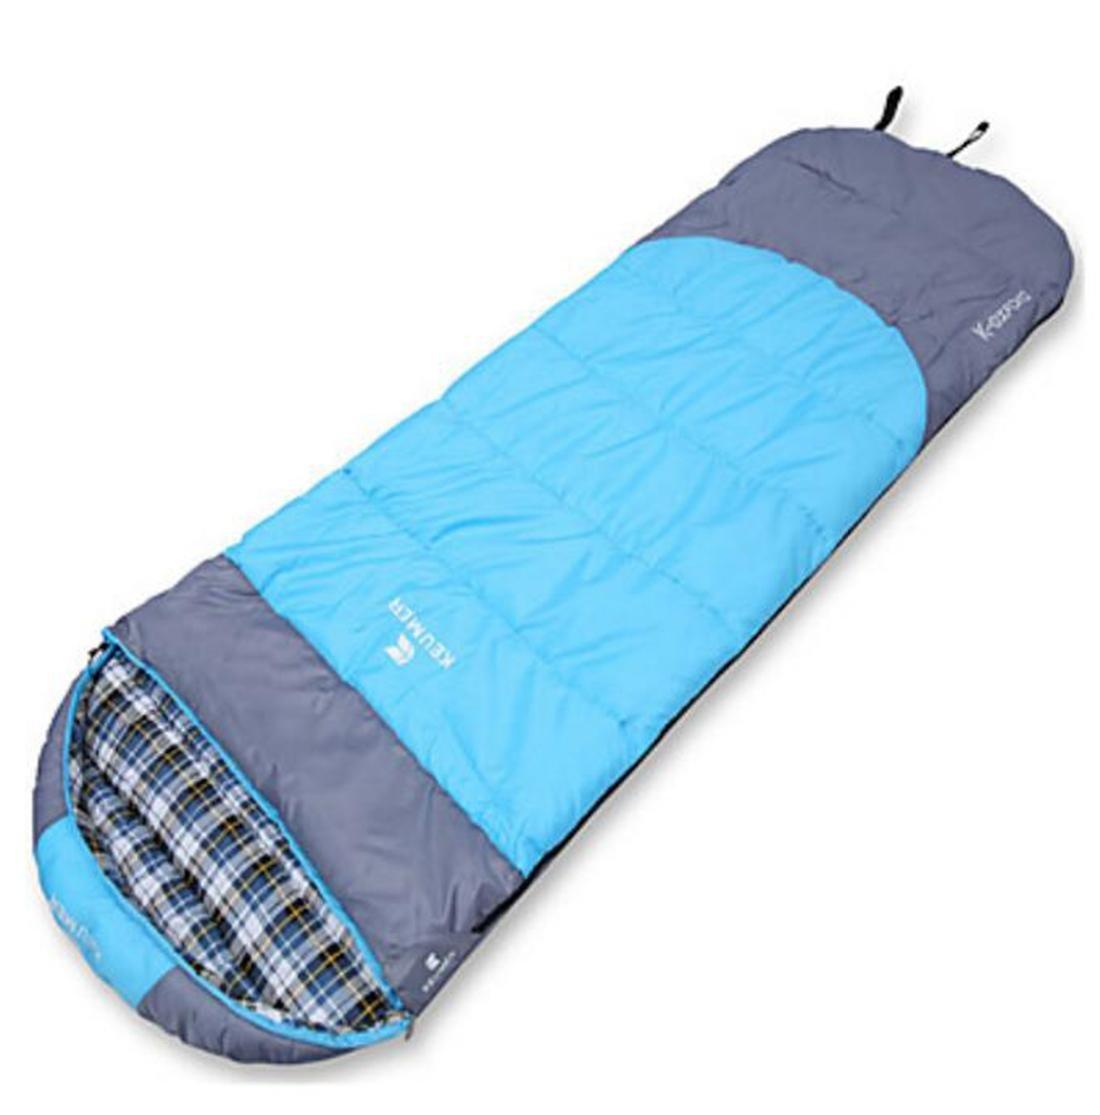 Schlafsack Kinderschlafsack Einzelbett(150 x 200 cm) 10 Daune 1000g 190X50 Camping   Reisen   DrinnenWasserdicht   Regendicht   Winddicht